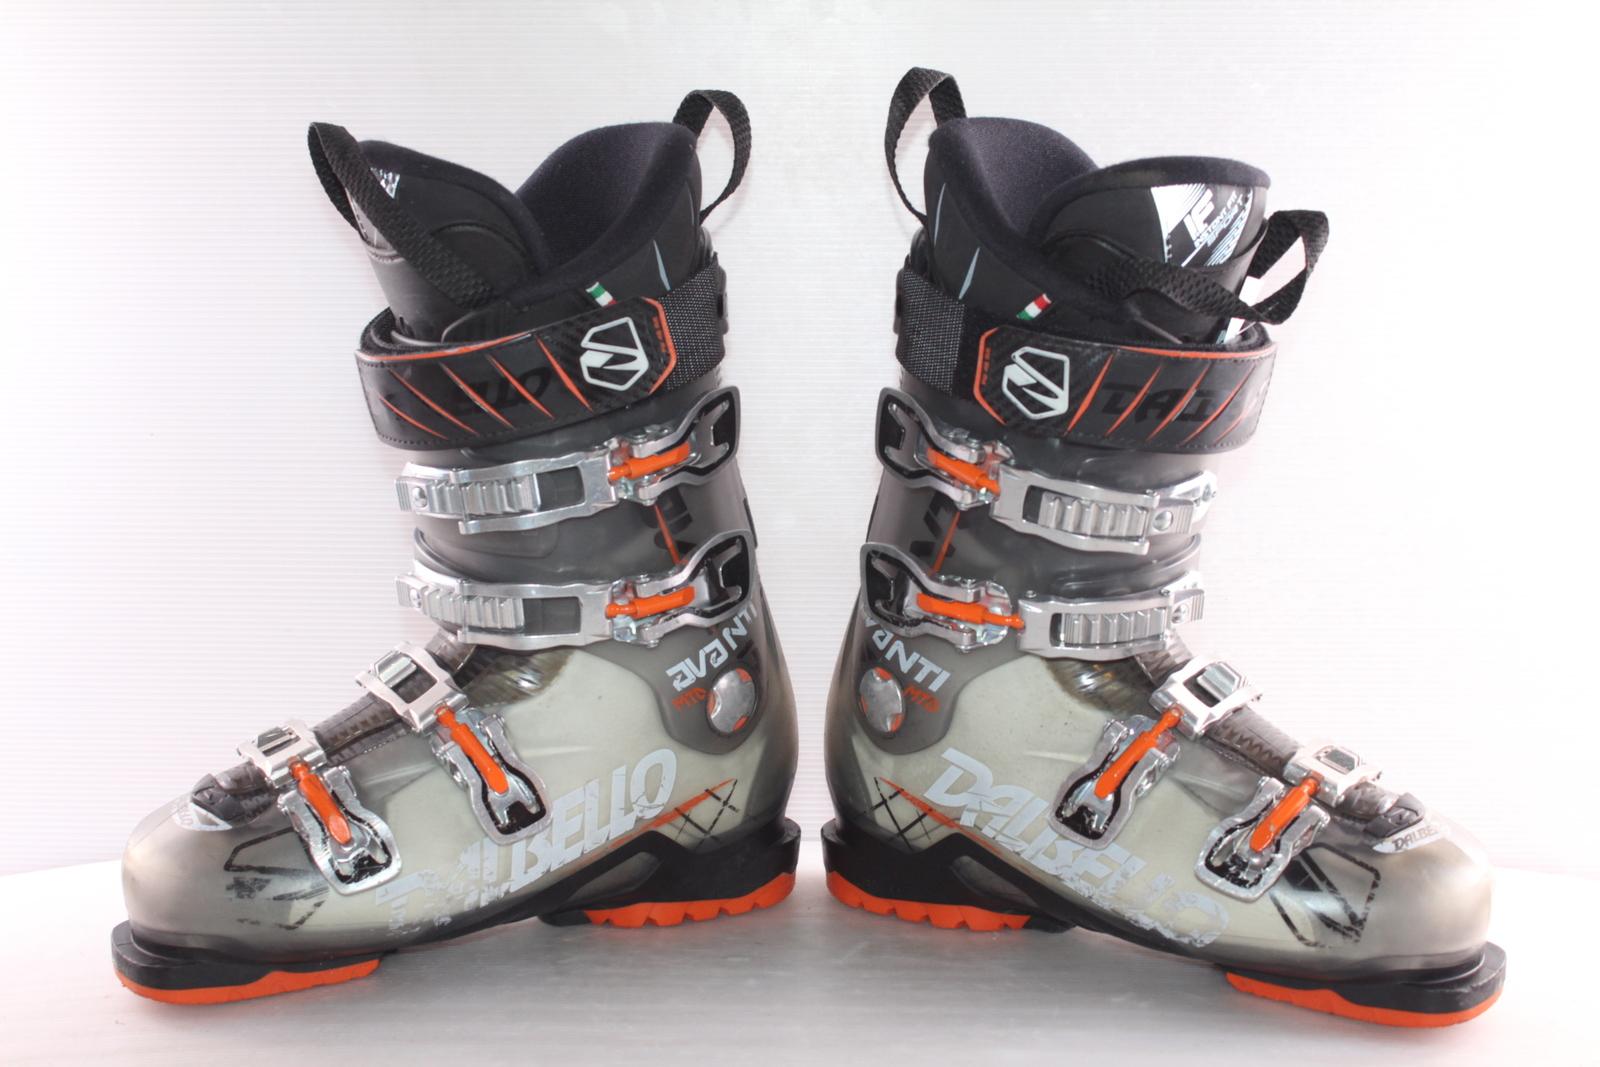 Lyžařské boty Dalbello Avanti MTD vel. EU40.5 flexe 80